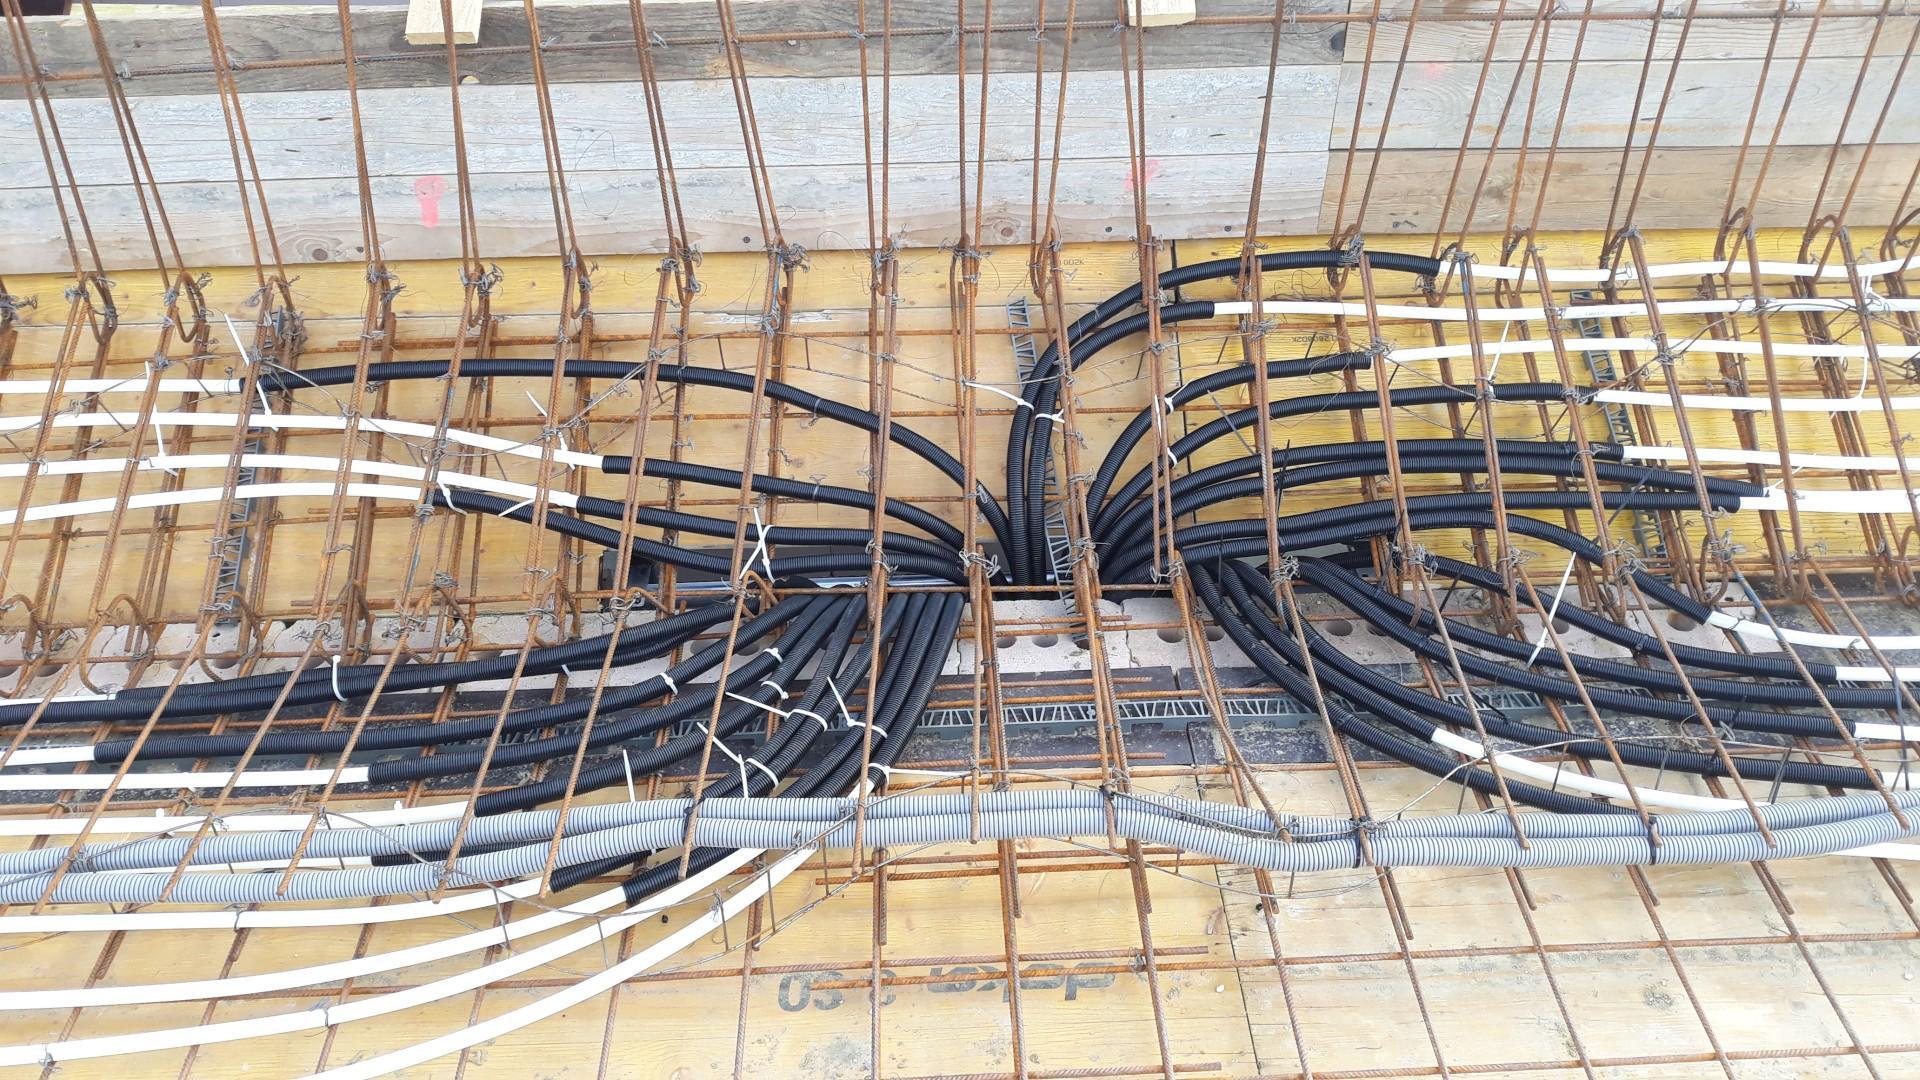 Vrchná stavba - VPC Kalksandstein murivo, zelená strecha - Chobotnica Uponor. V projekte bola Rehau, ale sú dlhé čakacie doby a vraj to je pri týchto rúrkach jedno. Rozdelovač je už značky Rehau. Naši majstri neboli radi, že musia dve DOKA dosky rezať pre otvor na rúrky - ale ich chyba, mali si najprv dohodnúť s kúrenarmi polohu otvoru (prípadne podľa projektu) a potom debniť.